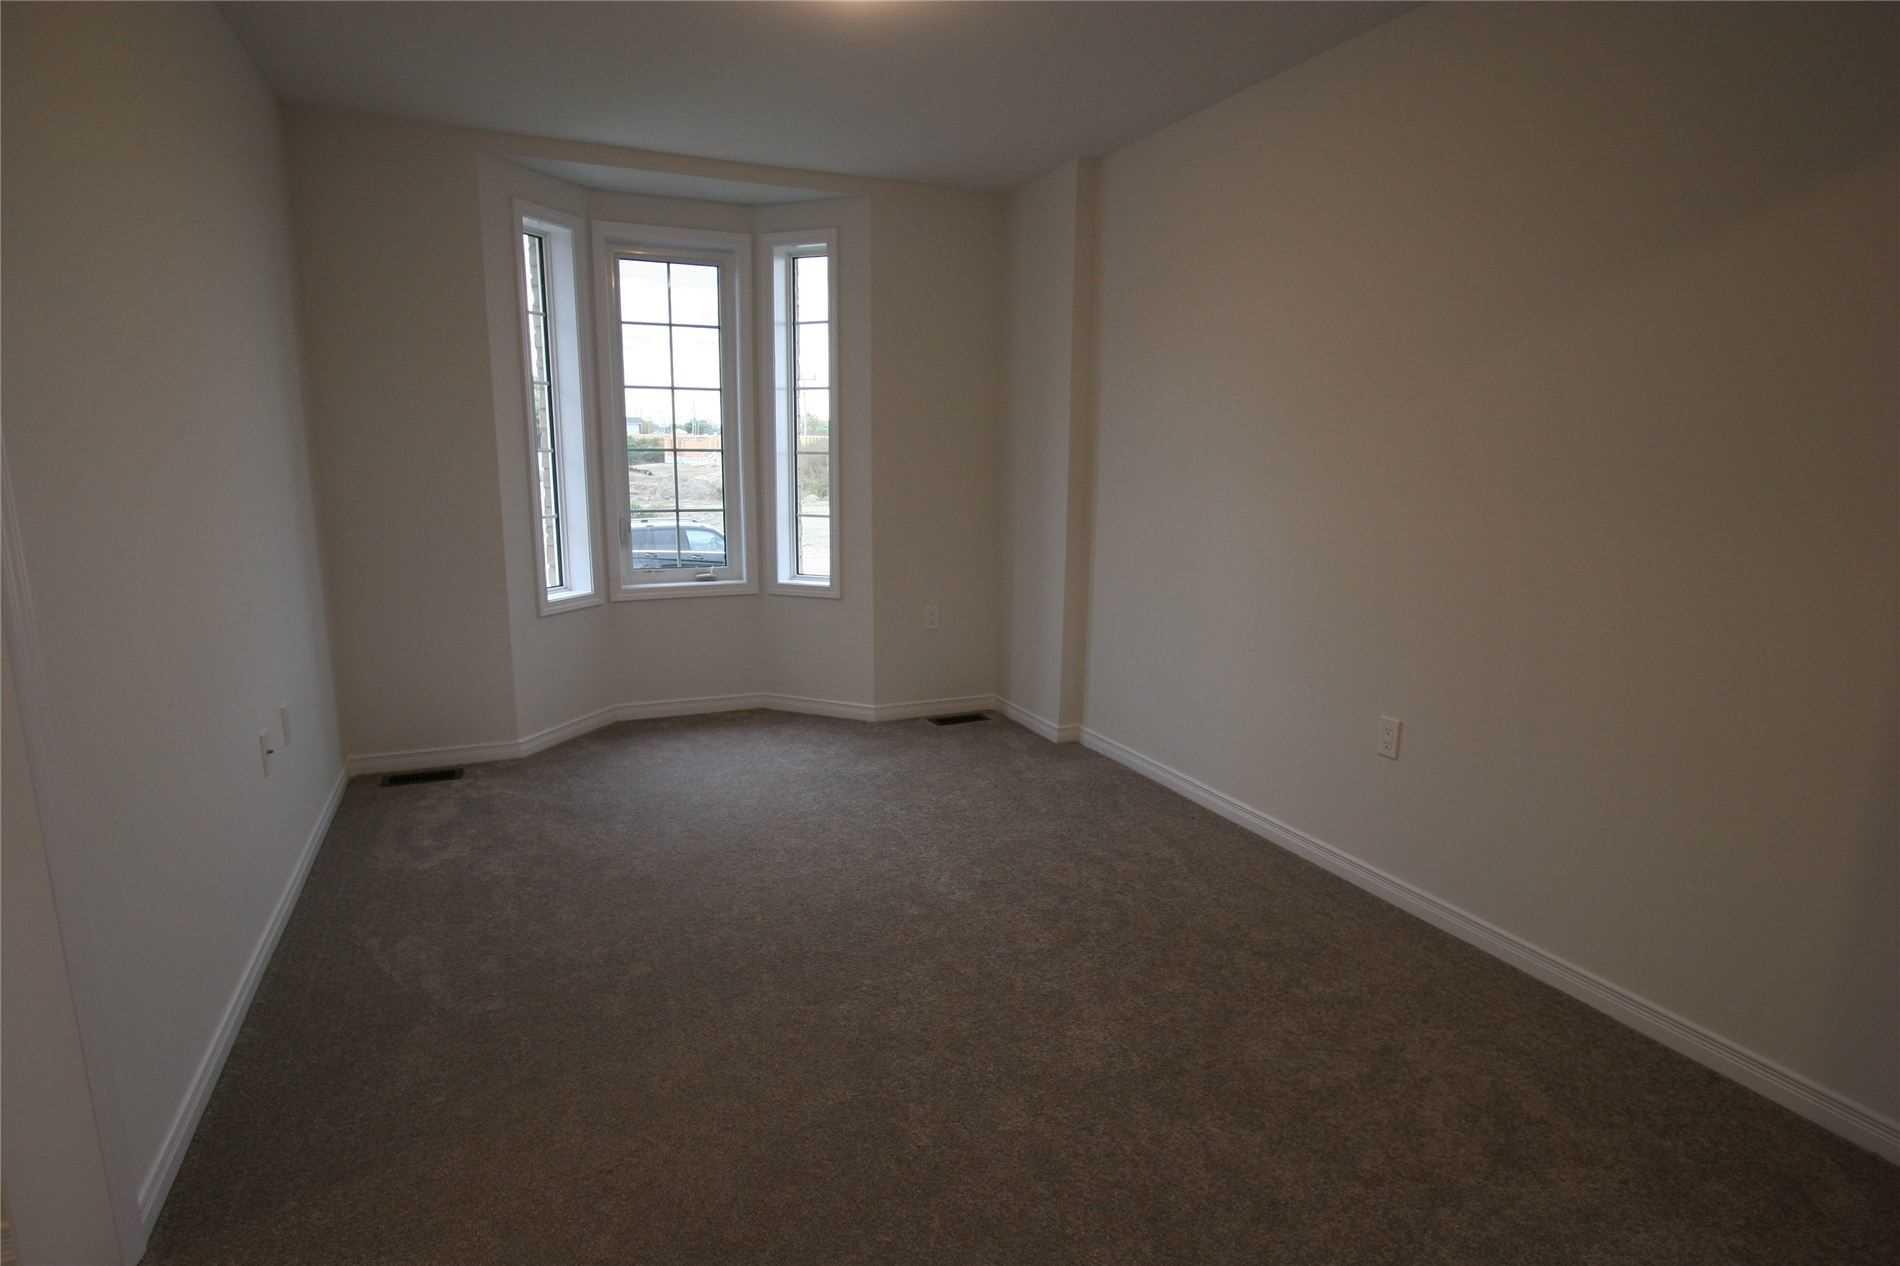 47 Maple Ave, Asphodel-Norwood X4600680